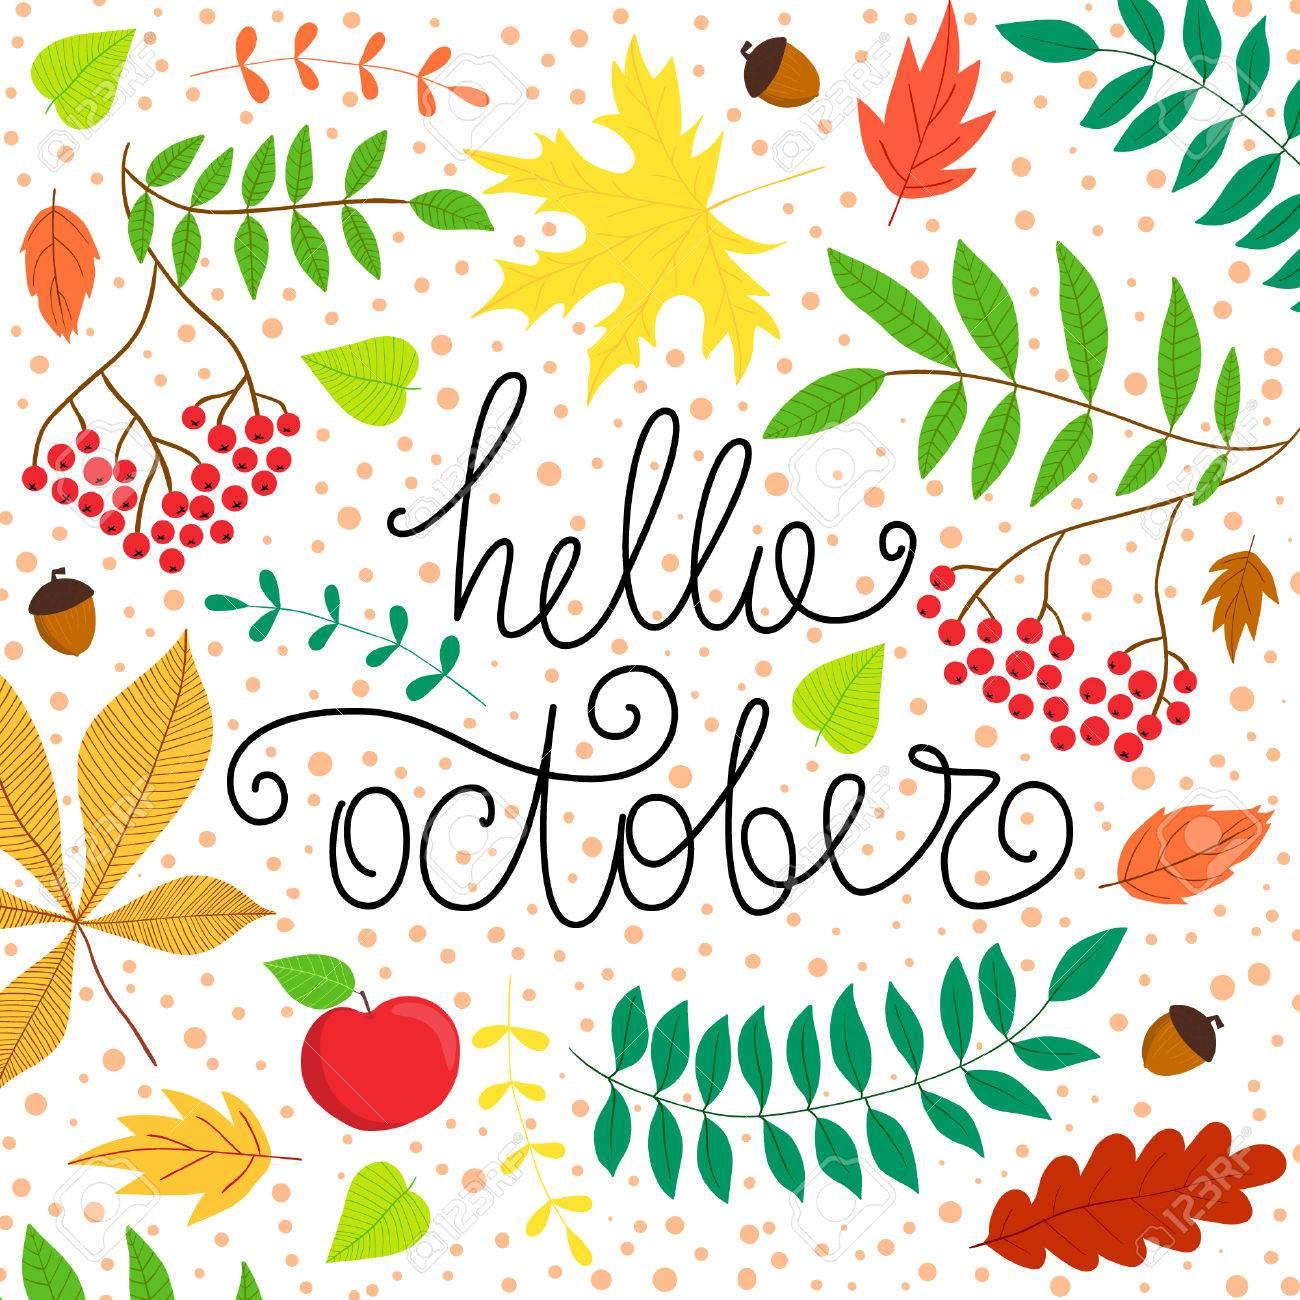 手描きのフレーズ こんにちは 10 月手書き書道と紅葉のかわいい